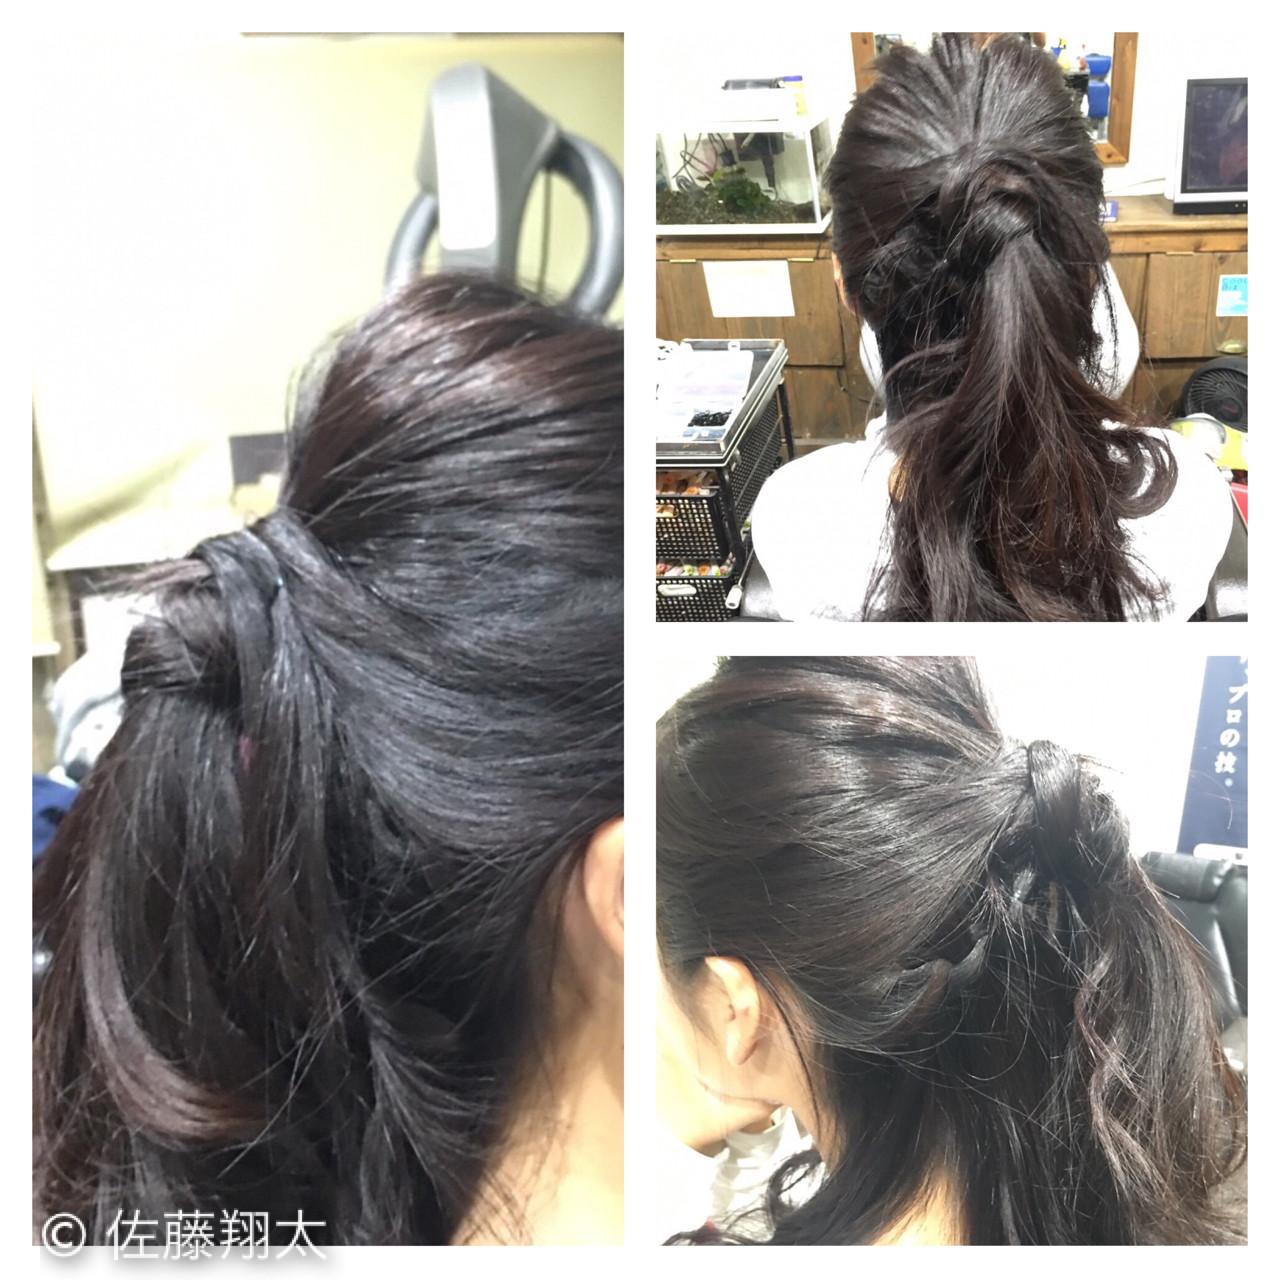 ヘアアレンジ ハーフアップ ウォーターフォール セミロング ヘアスタイルや髪型の写真・画像